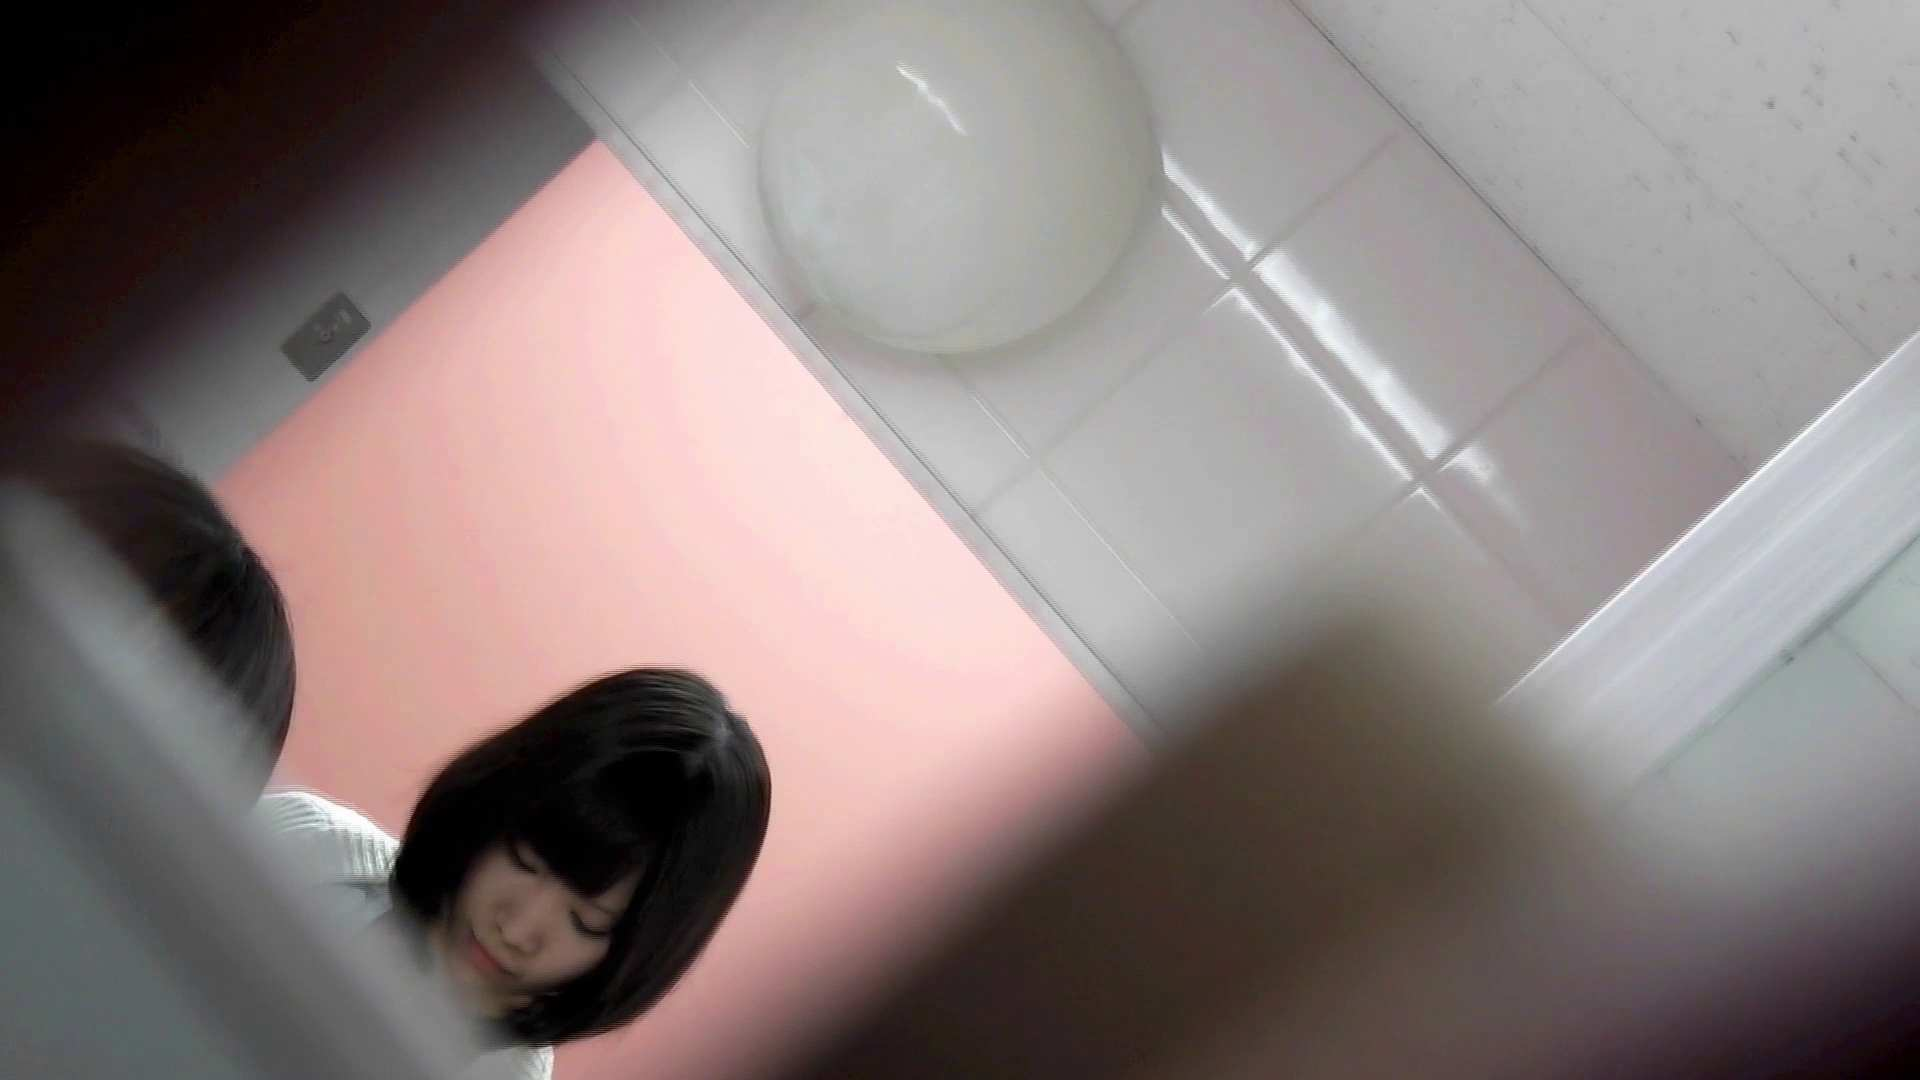 美しい日本の未来 No.29 豹柄サンダルは便秘気味??? 高画質  106枚 12